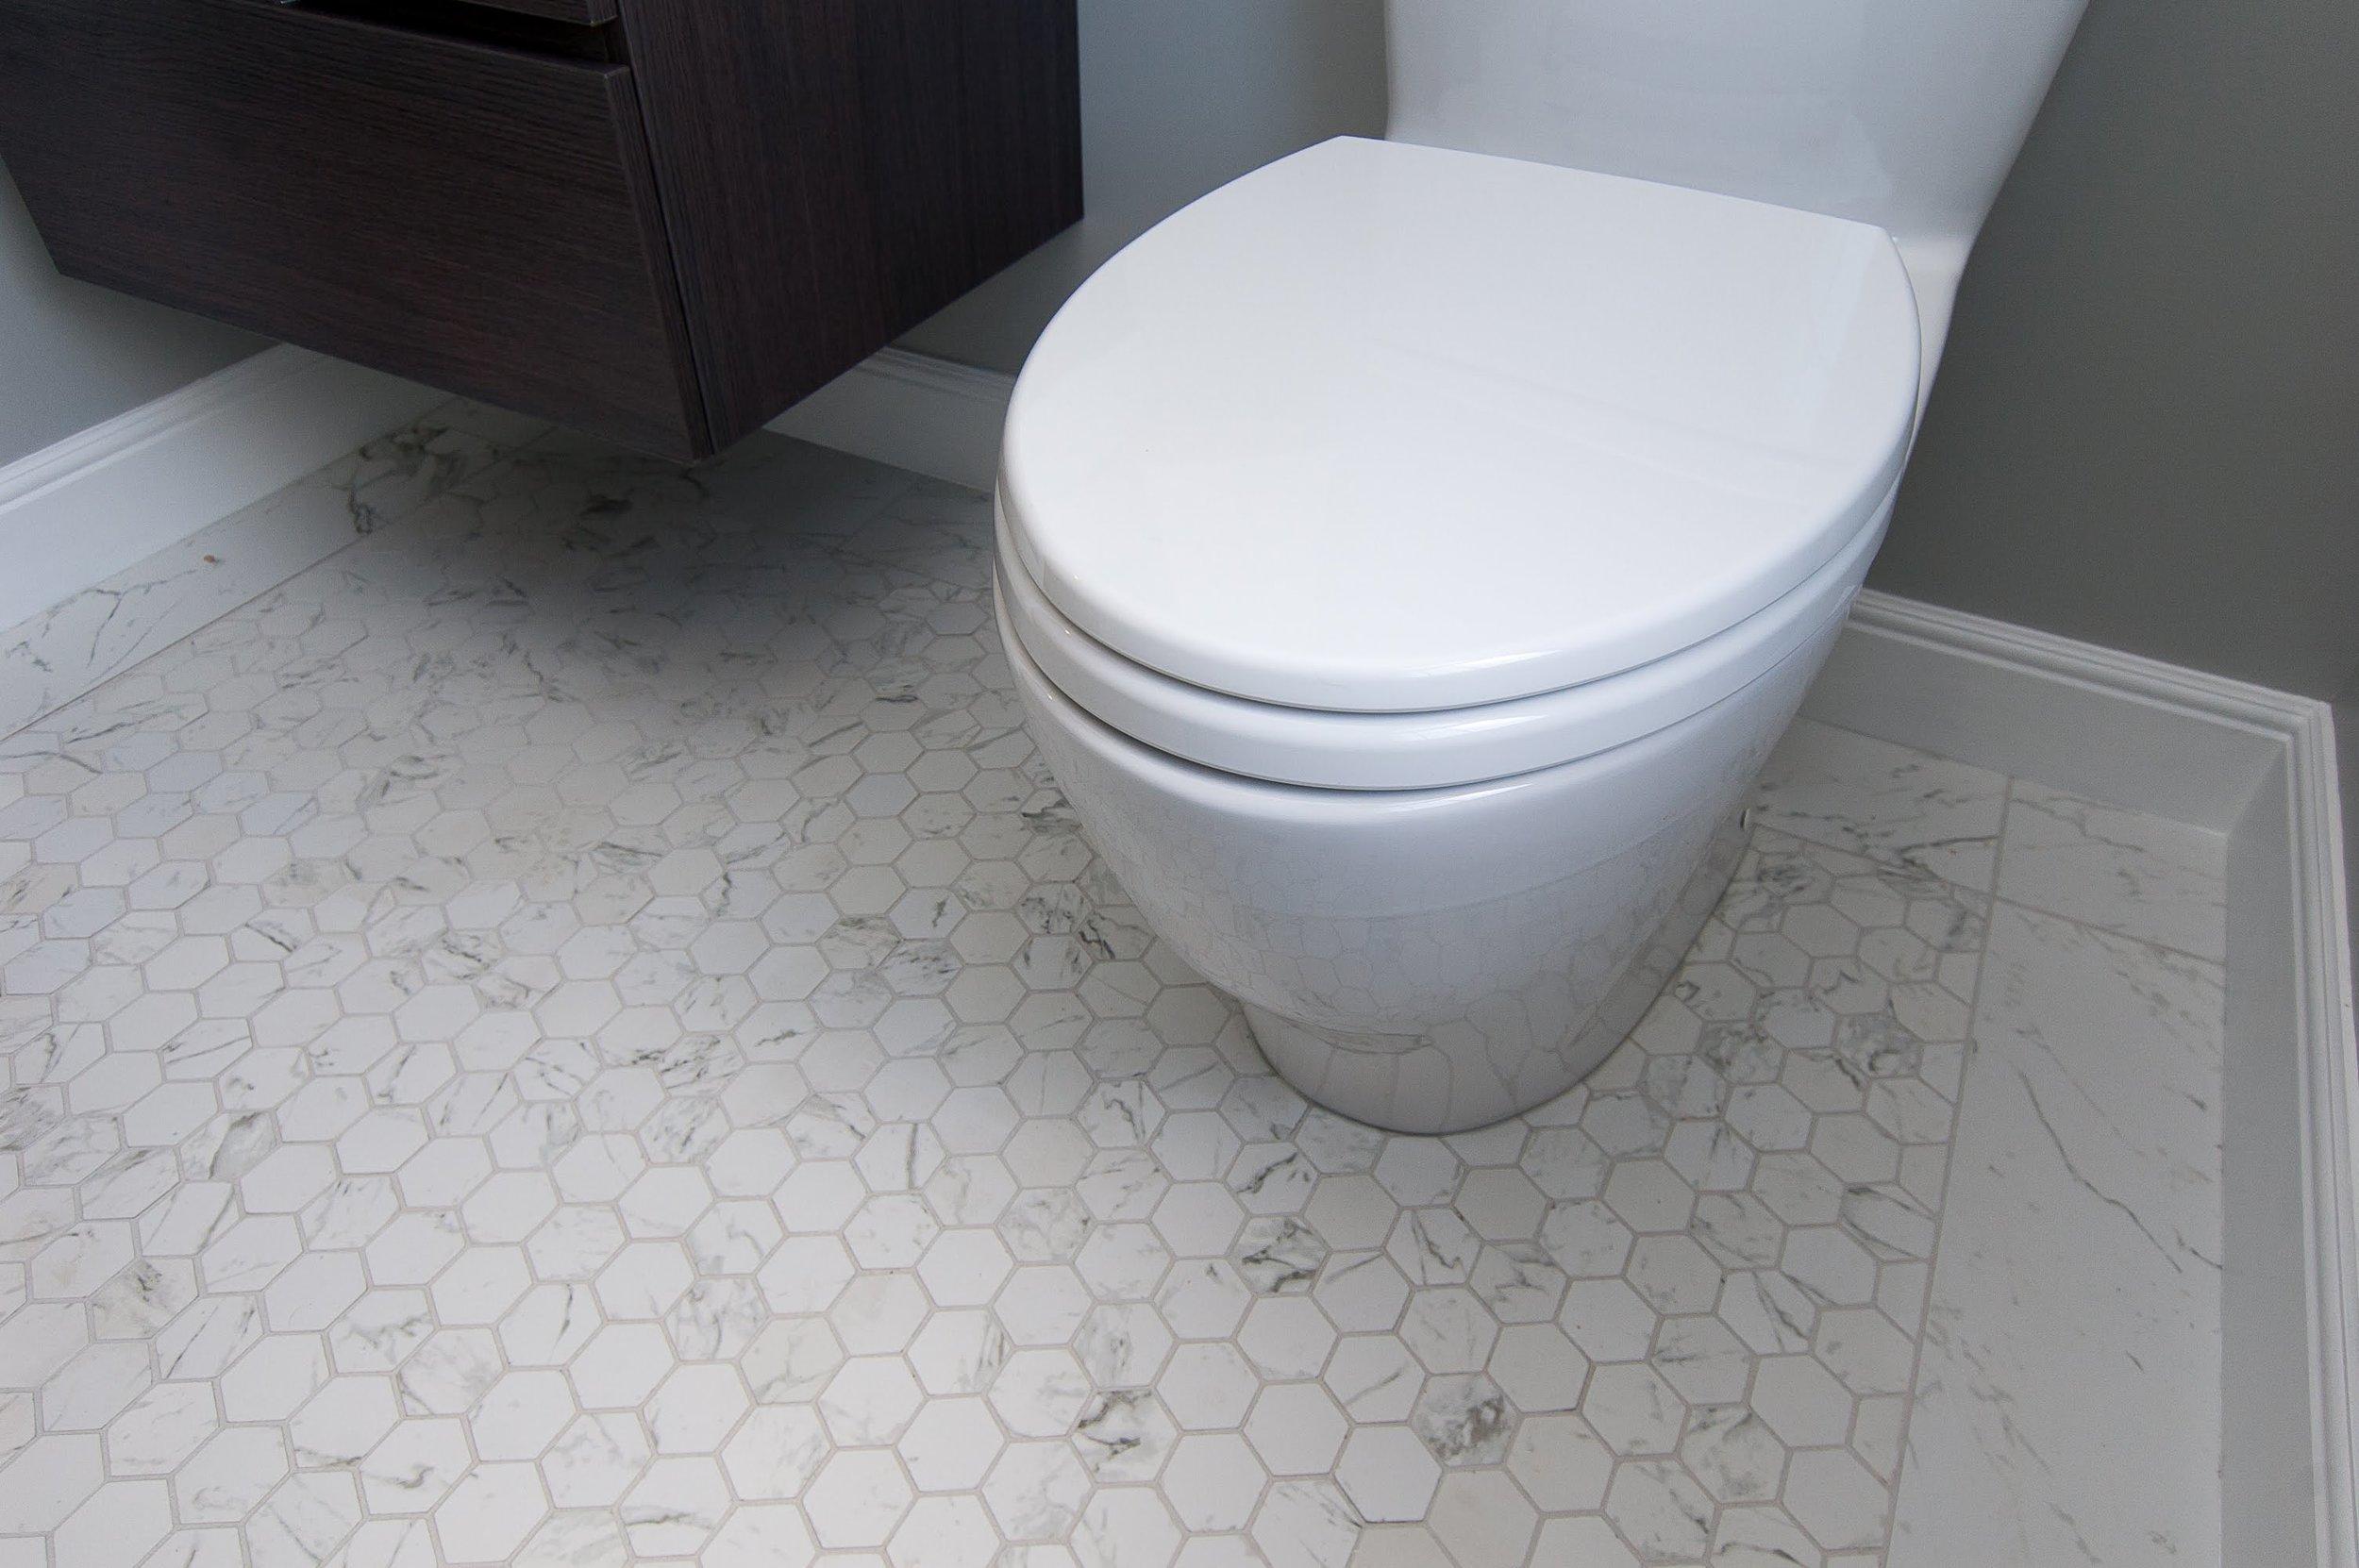 vanity & toilet.jpg